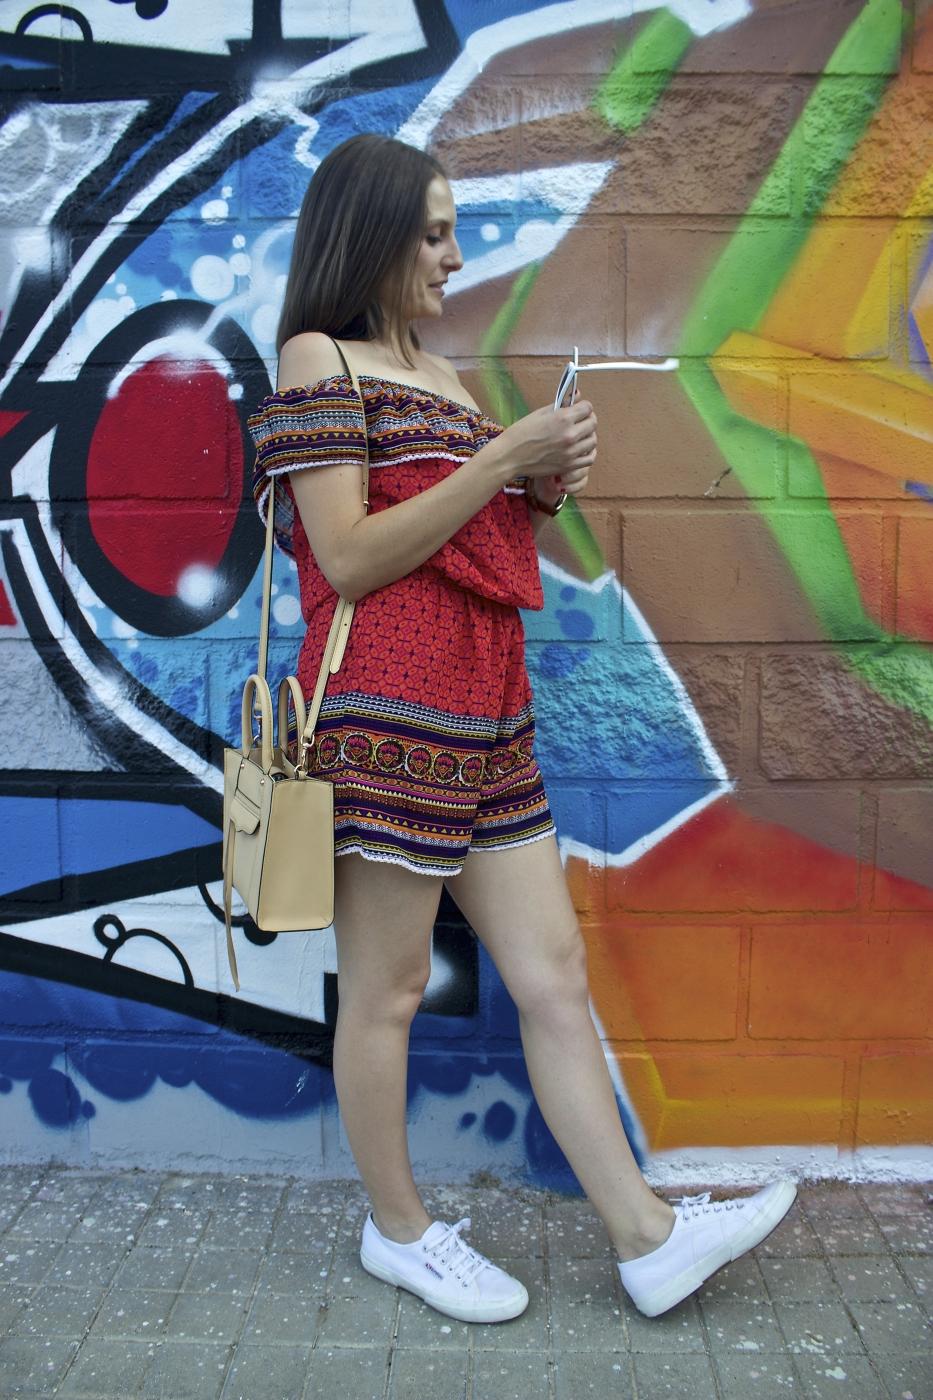 lara-vazquez-mad-lula-style-streetstyle-fashion-blog-glamour-glam-moda-vogue.jumpsuit-orange